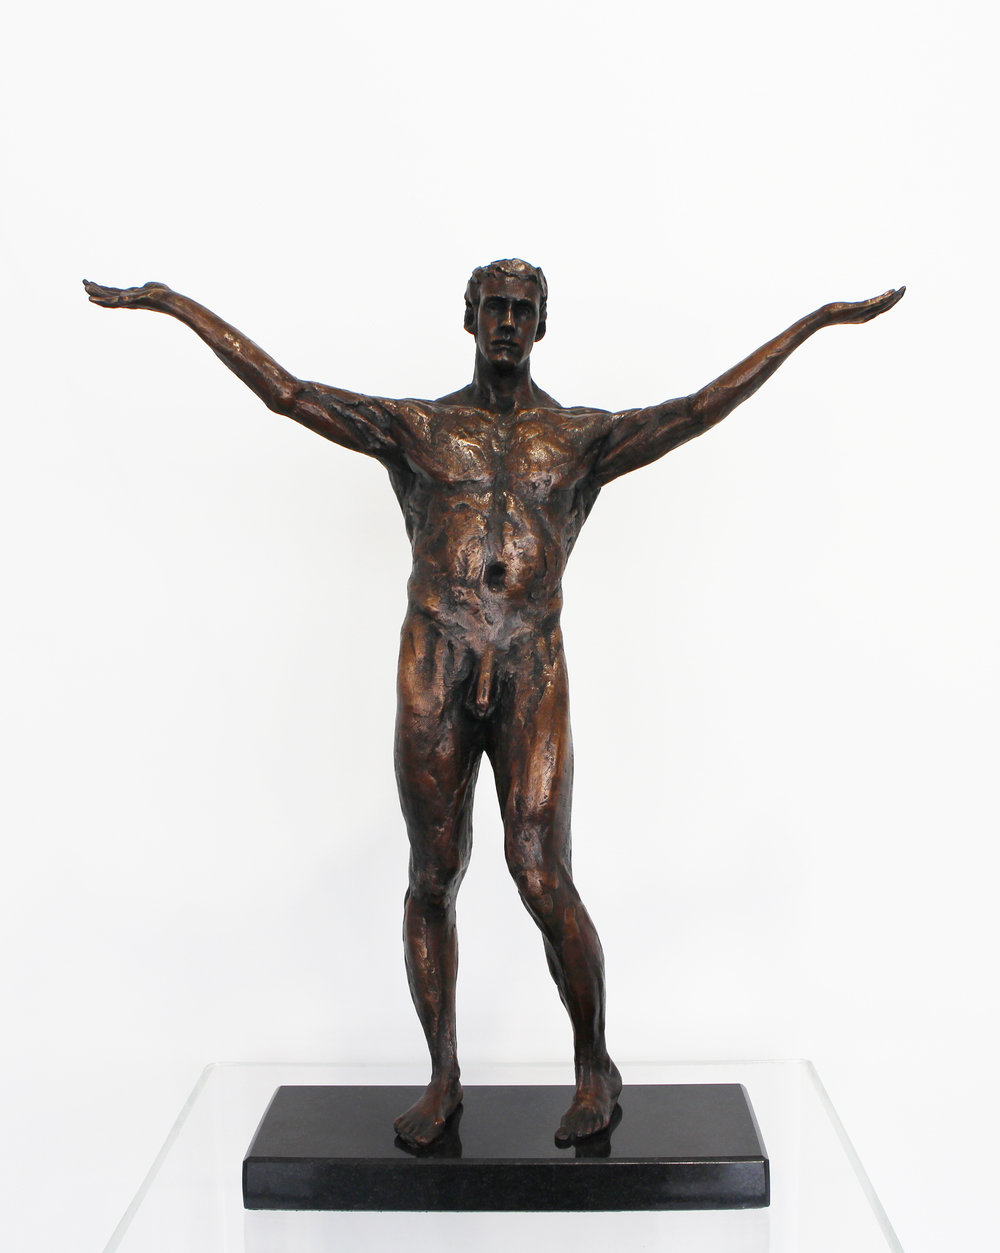 Adriaan Diedericks  'Huh'  Bronze  Edition 01/12  51.5 x 44 x 14 cm